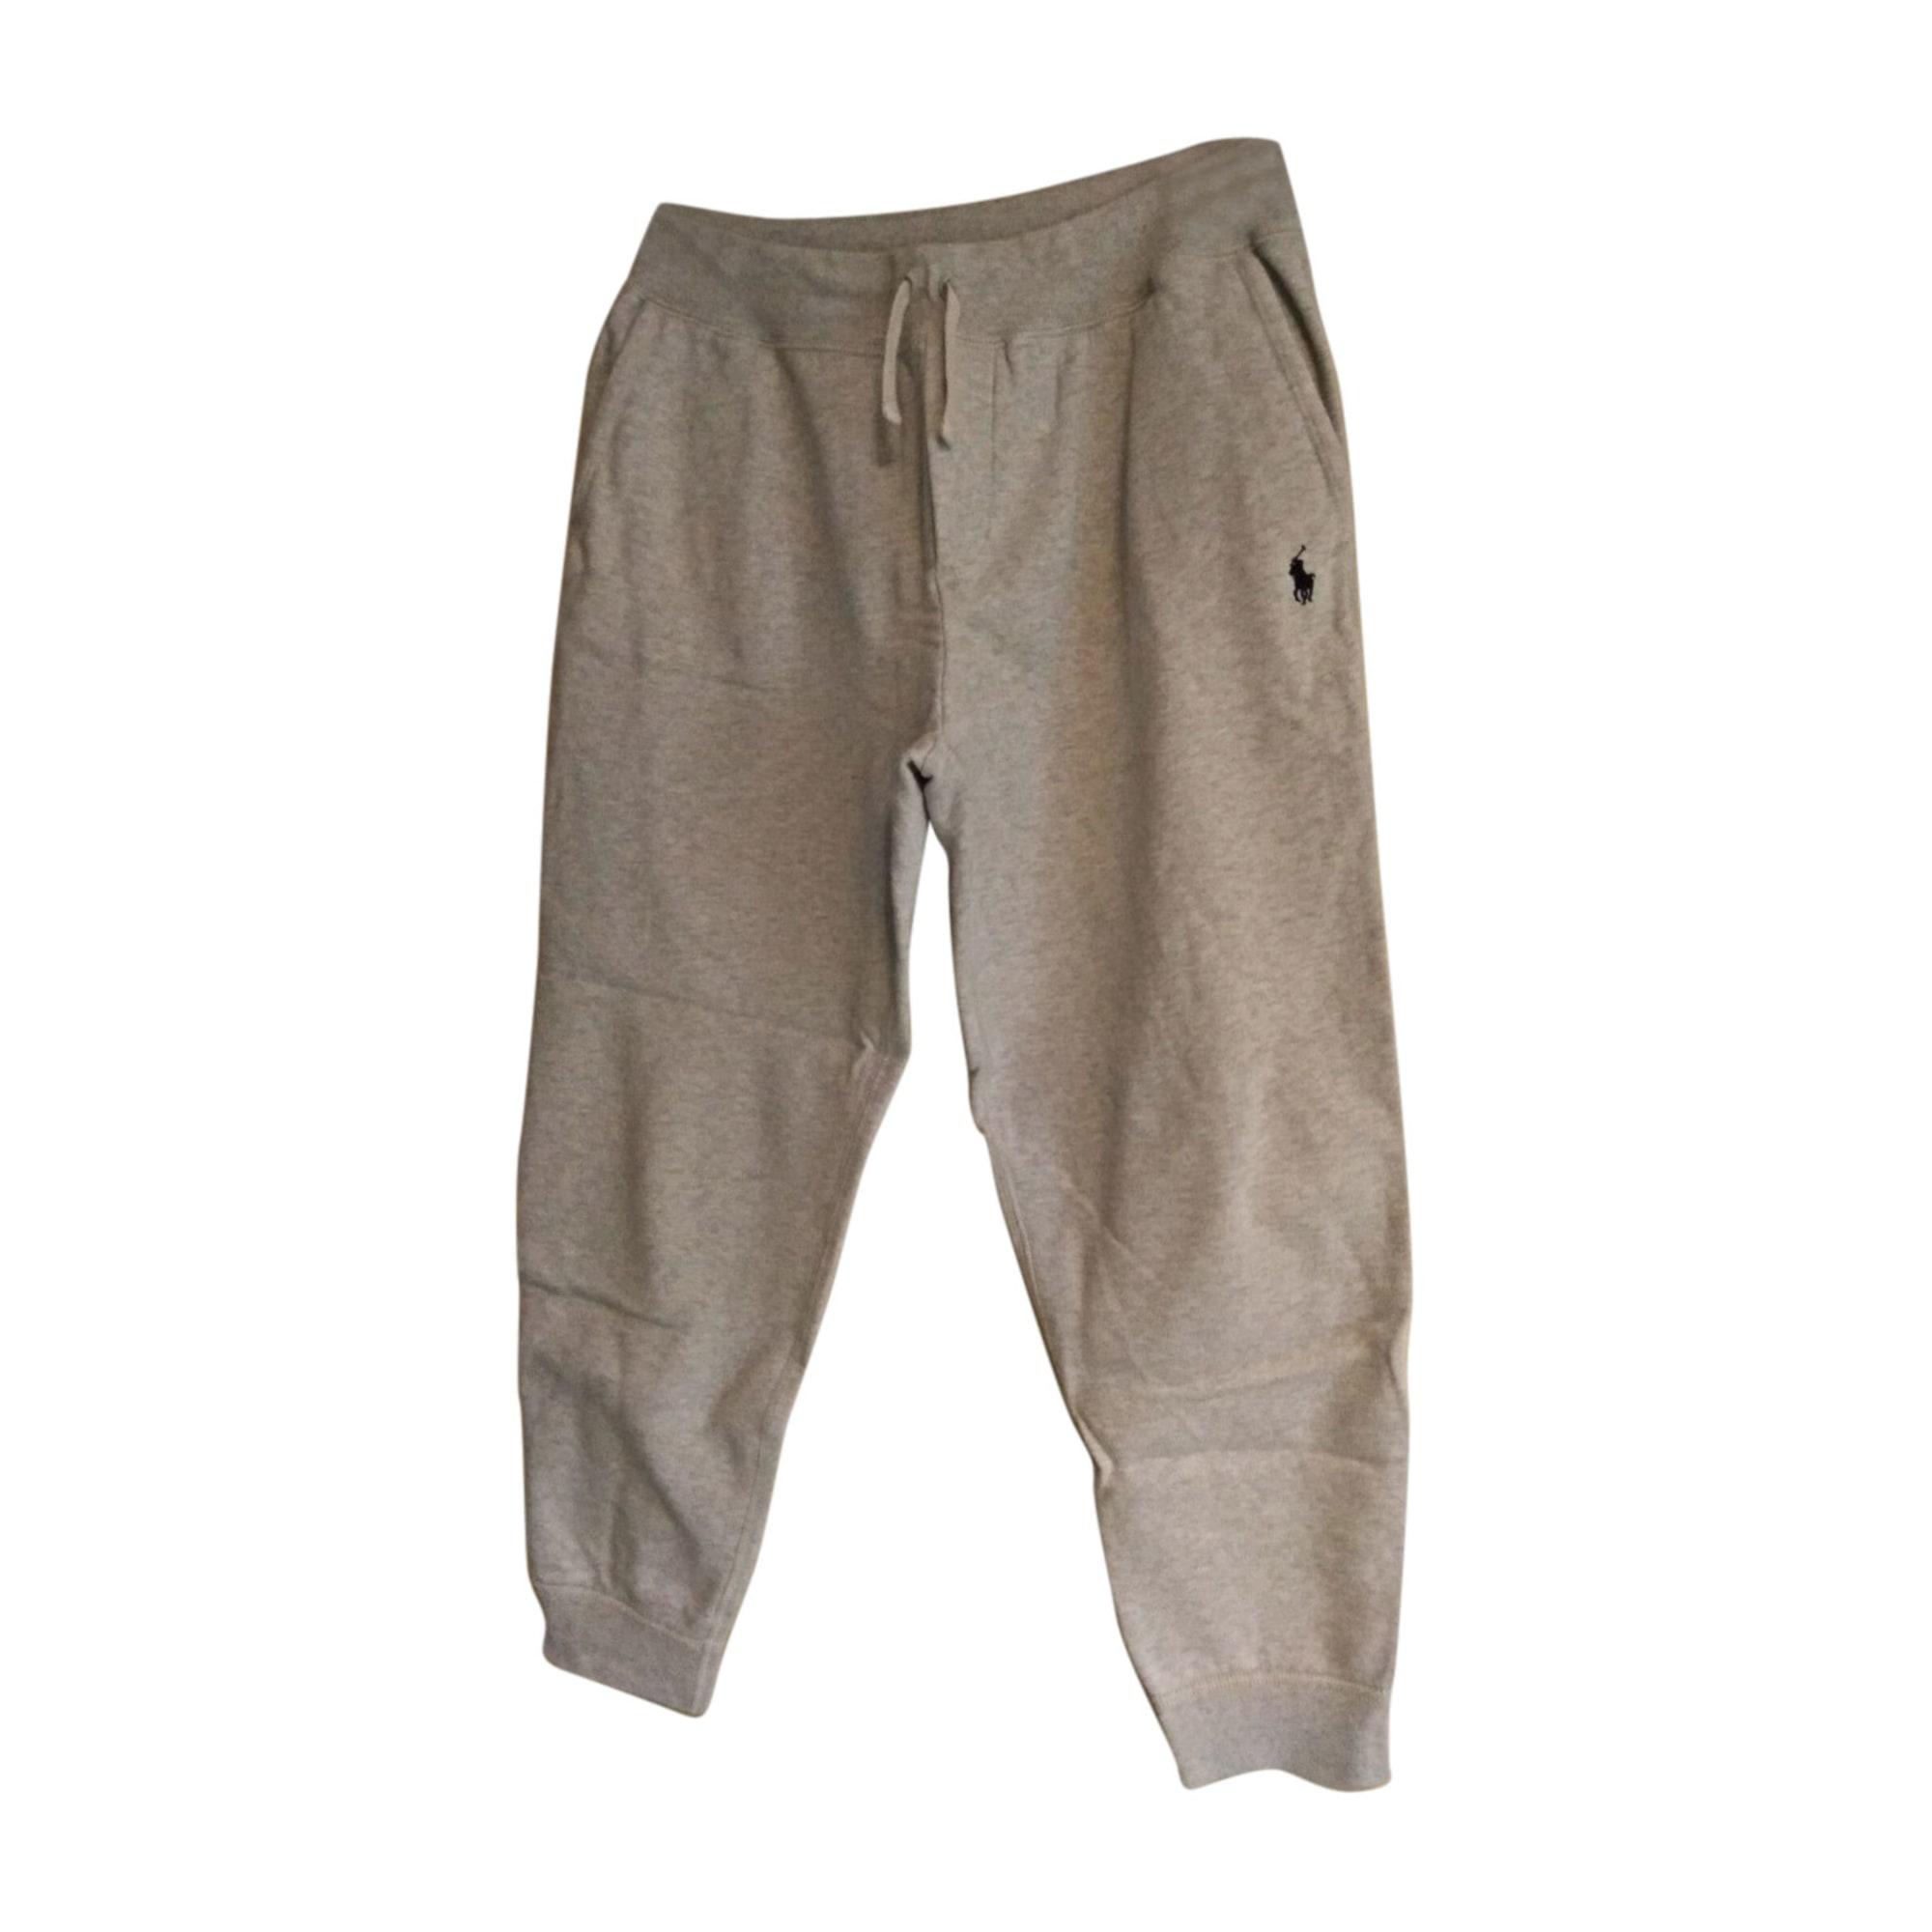 89e35c498b88c3 Pantalon de survêtement RALPH LAUREN 50 (M) beige vendu par Kim ...